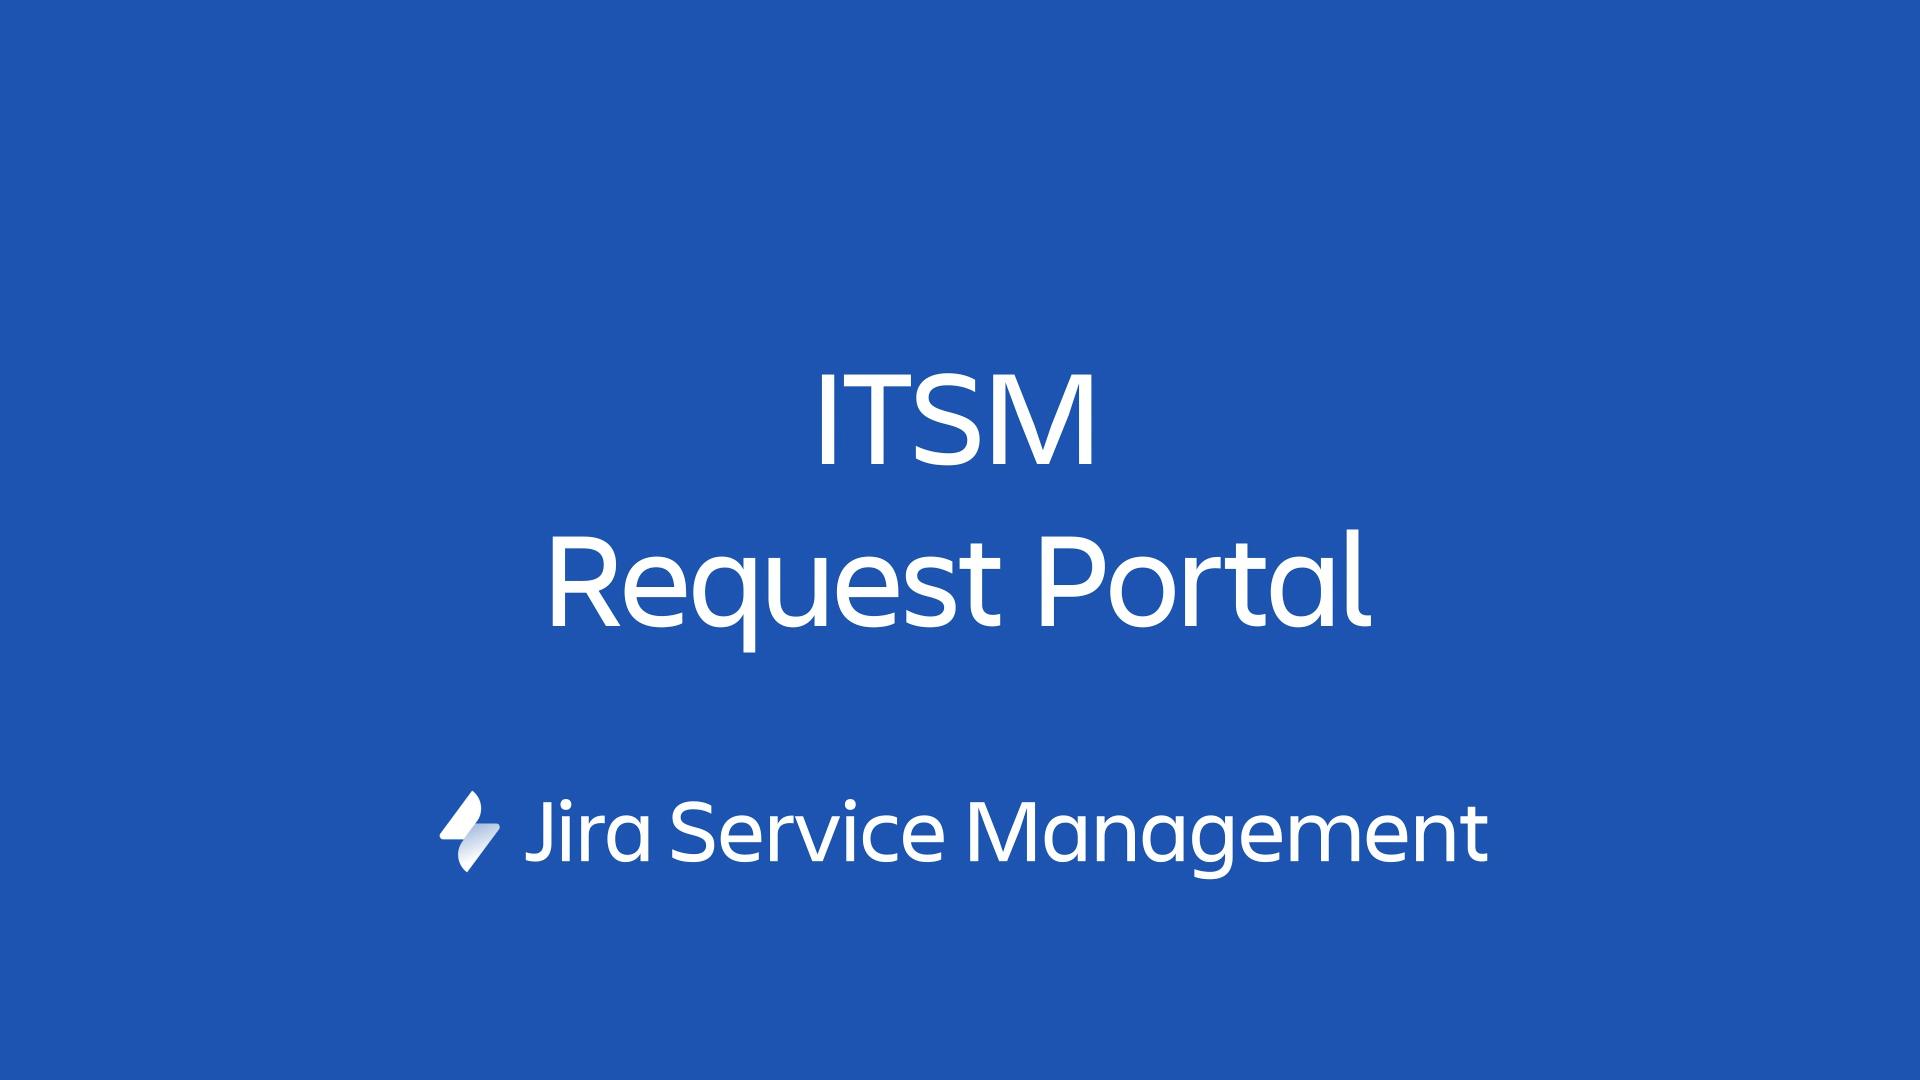 Портал запросов ITSM в Jira Service Management